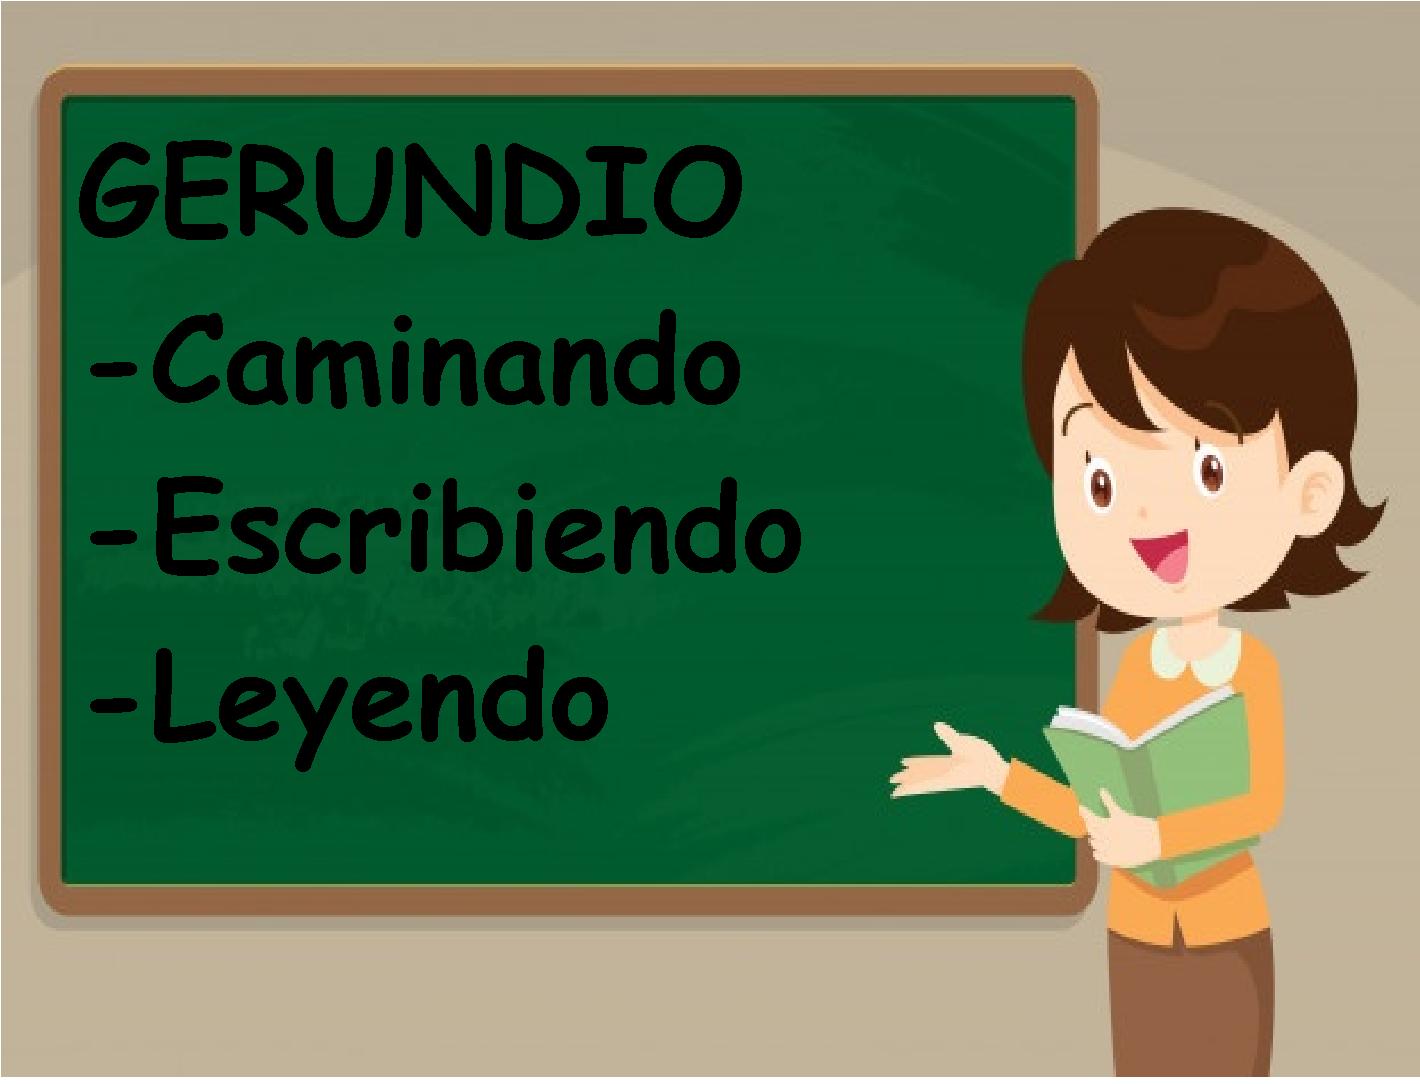 El Gerundio Puro Tip Artículos Y Publicaciones Masters Y Cursos